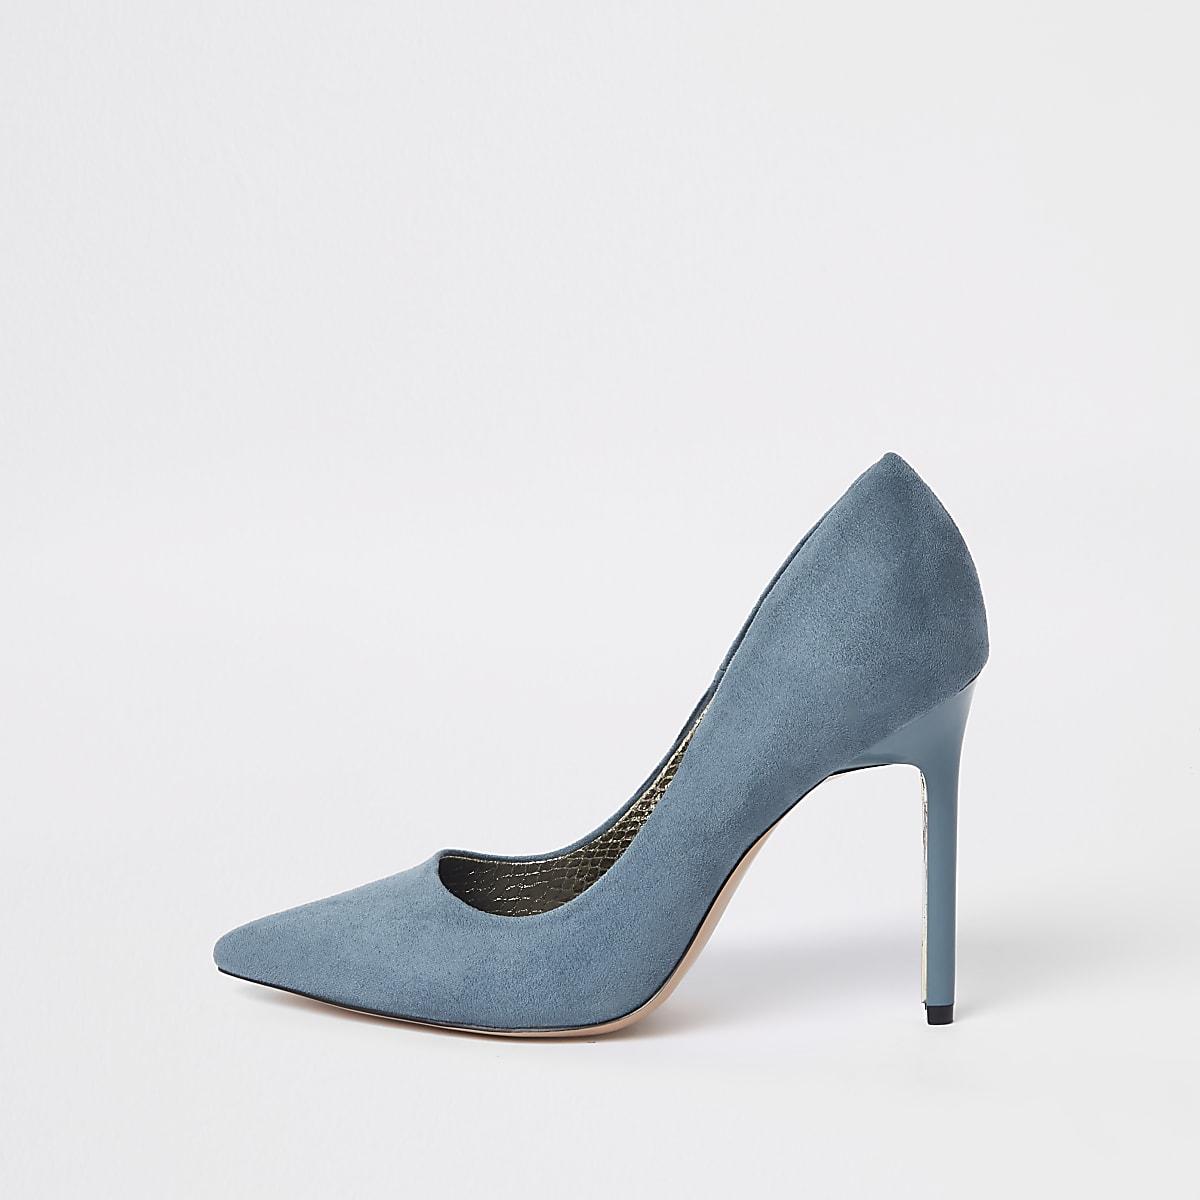 40ea7d11eac412 Startseite · Damen · Schuhe und Stiefel  Blaue Pumps aus Wildlederimitat. Blaue  Pumps aus Wildlederimitat Blaue Pumps aus Wildlederimitat ...